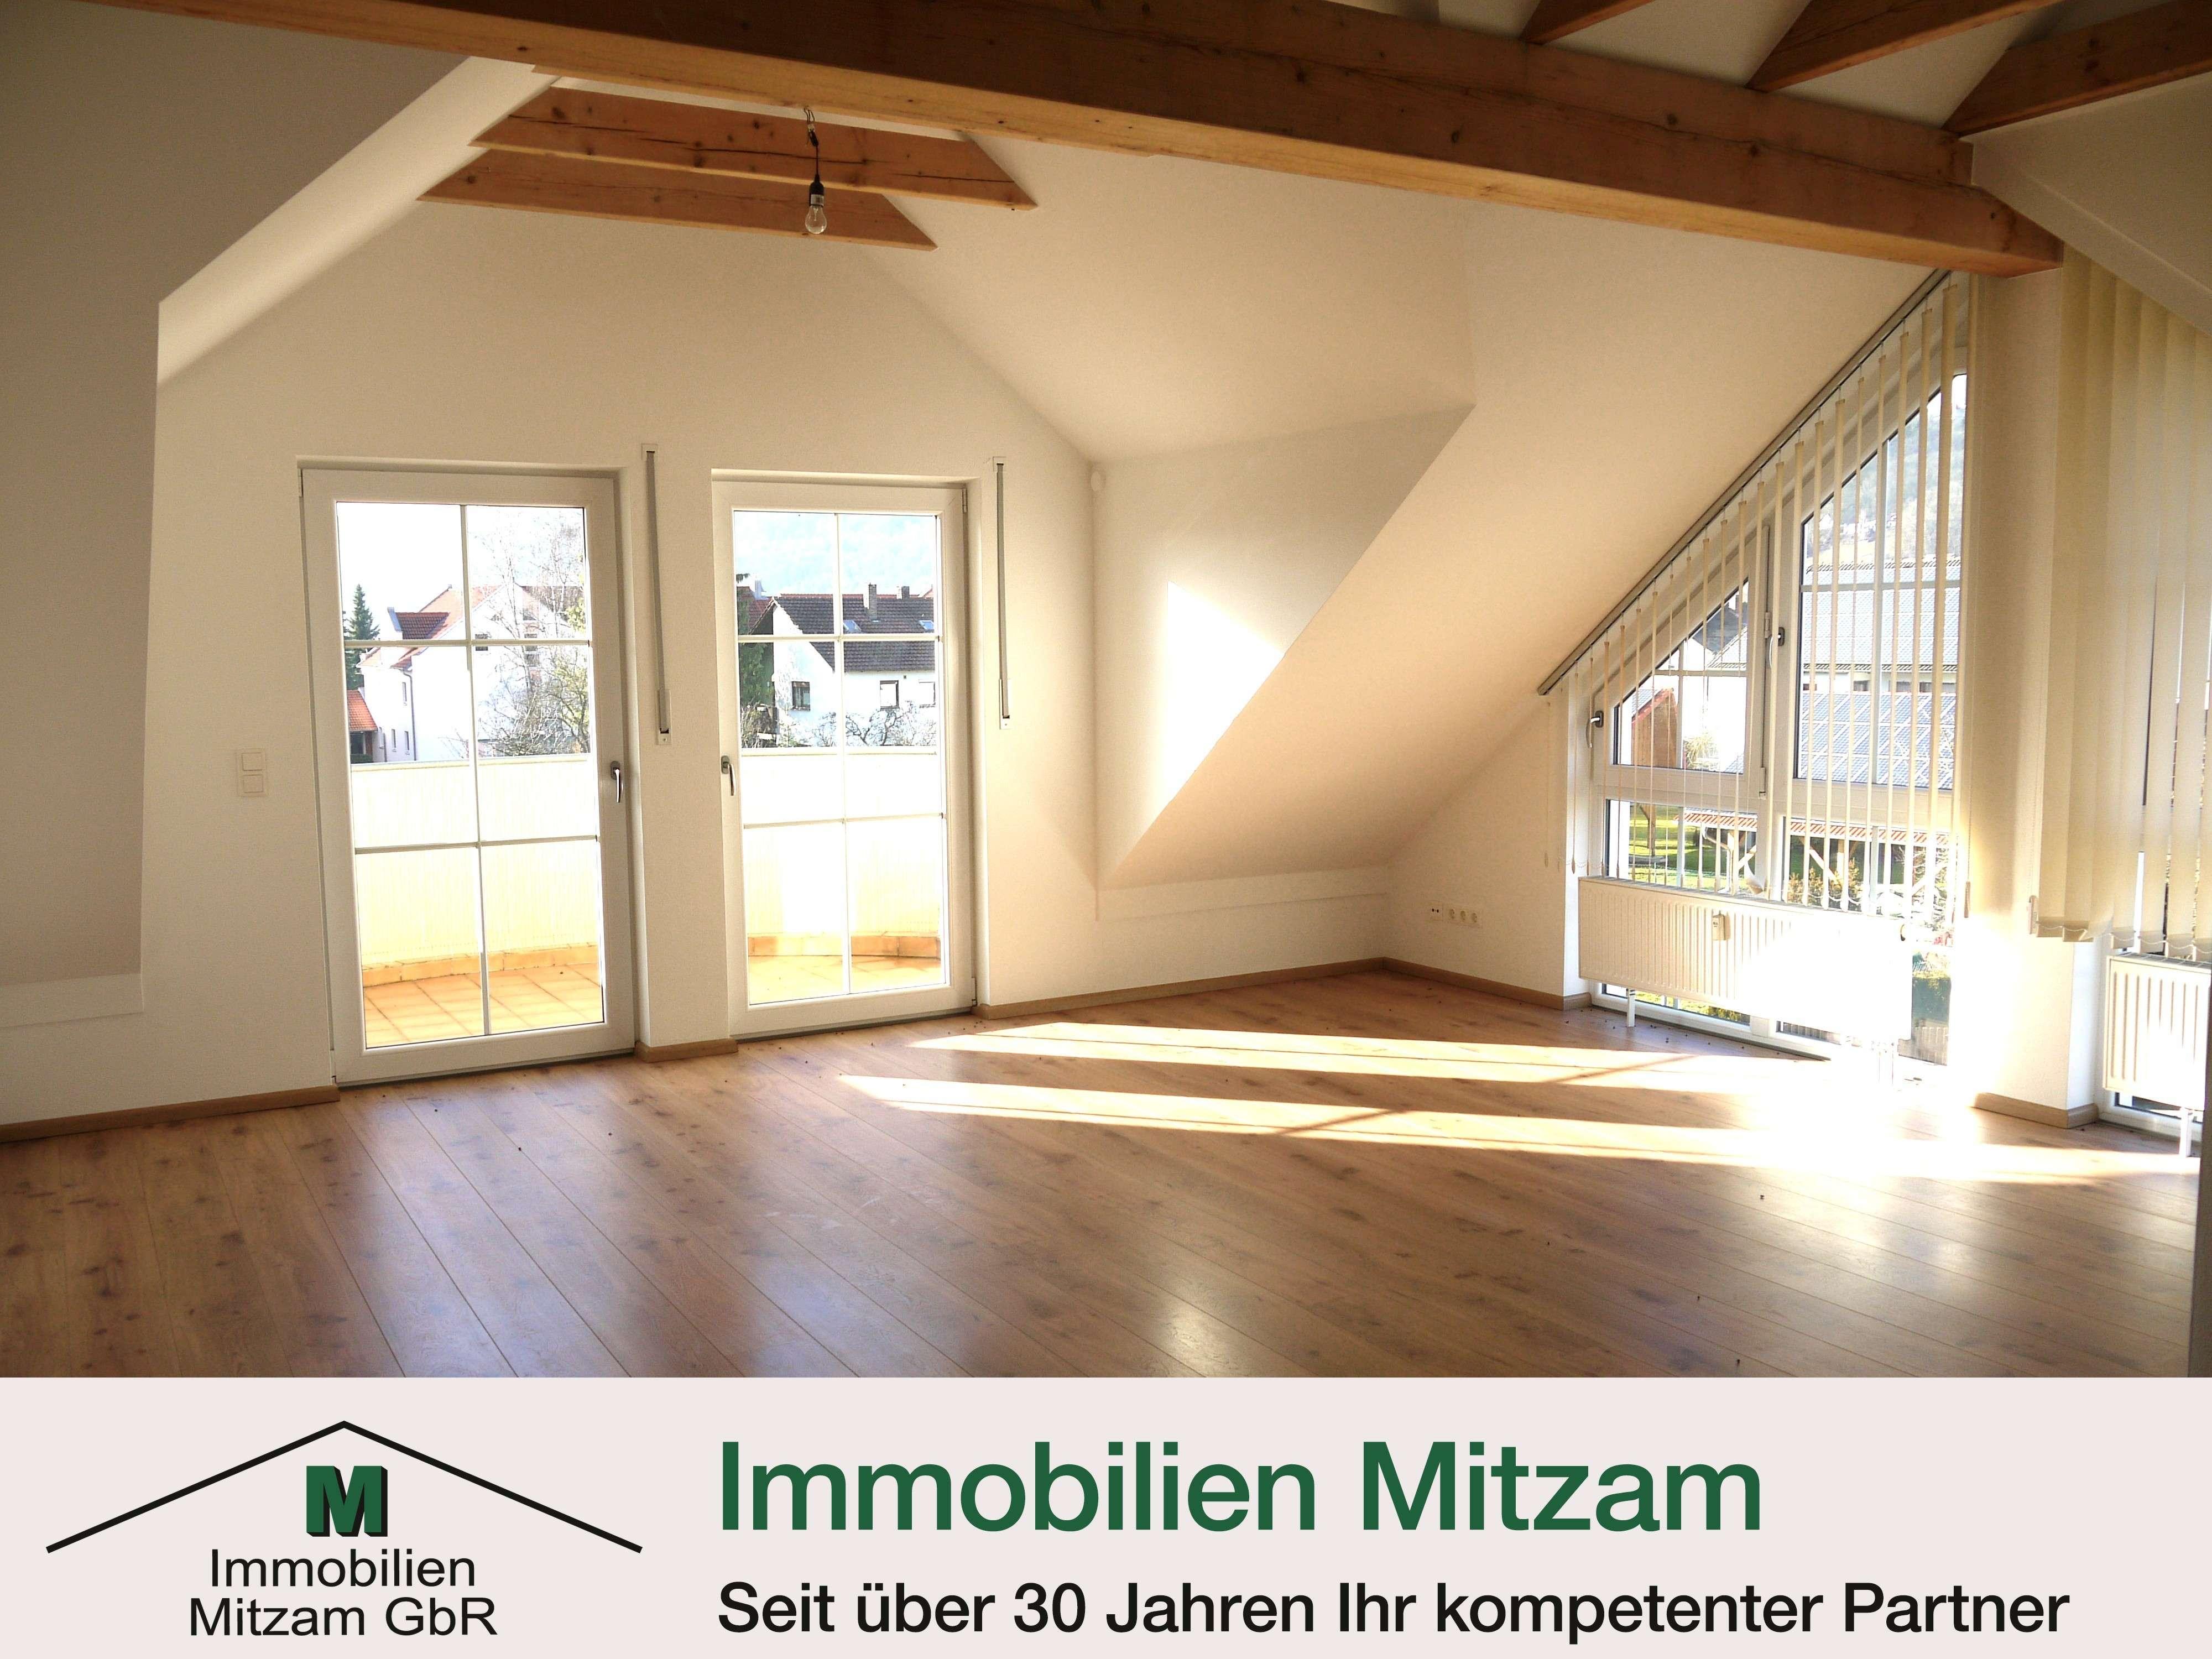 Traumhafte 3-Zimmer-Dachgeschoss-Wohnung in zentraler Lage von Beilngries in Beilngries